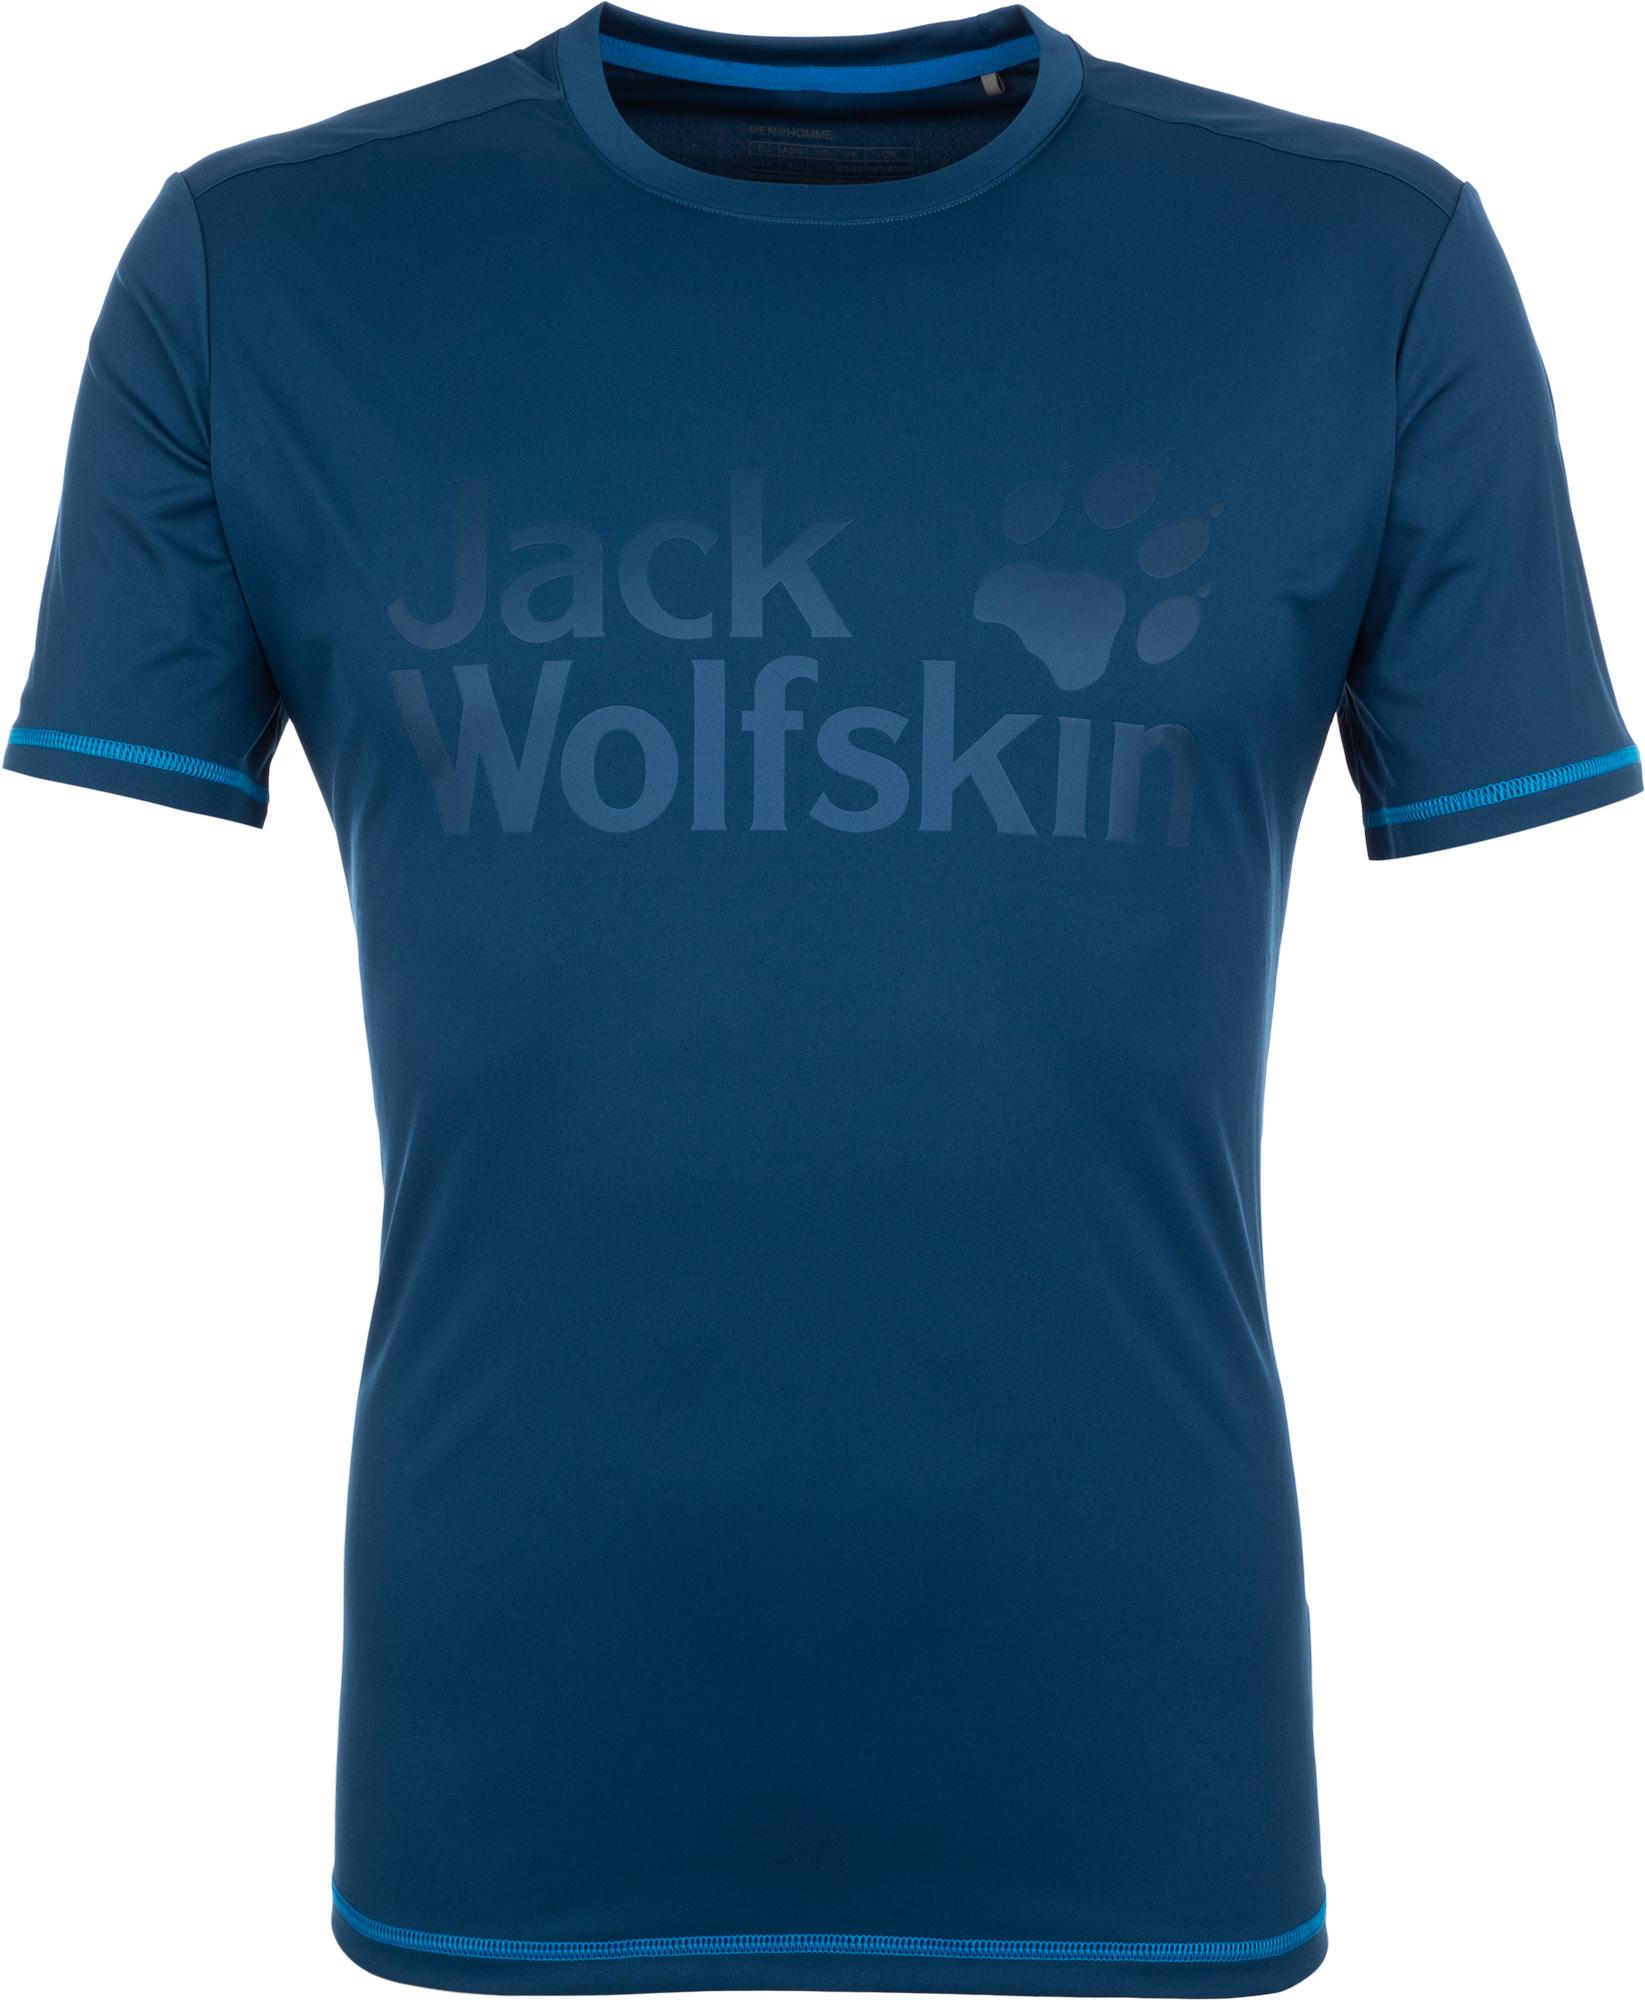 Jack Wolfskin Футболка мужская JACK WOLFSKIN Sierra, размер 44 футболка для мальчика jack wolfskin brand t boys цвет темно голубой 1607241 1087 размер 176 182